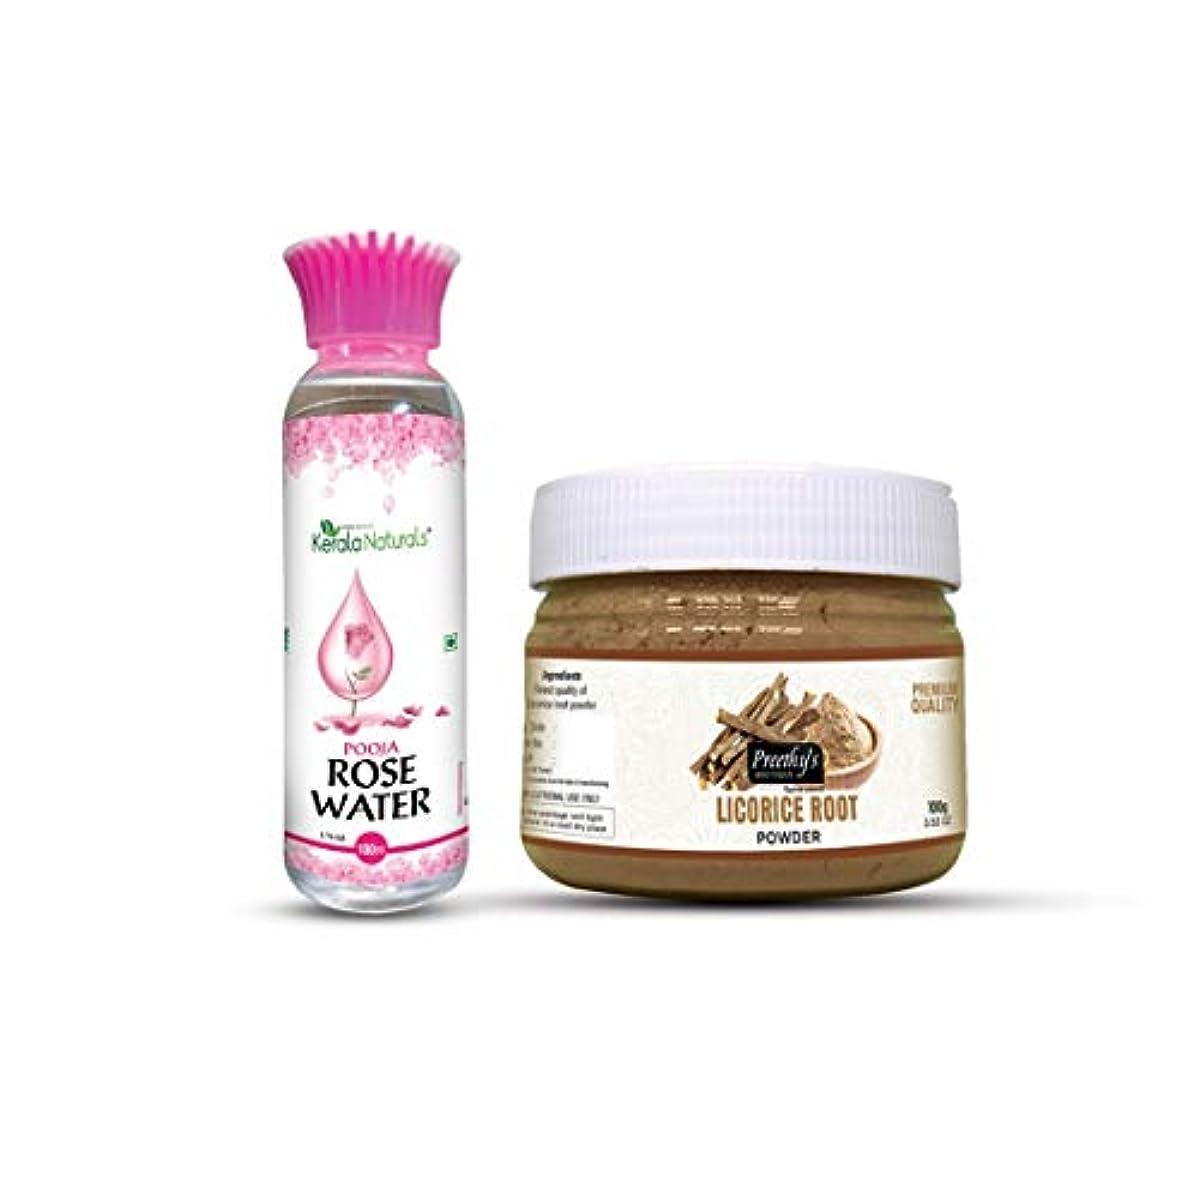 ぶら下がる外国人ルートCombo of Licorice root powder 100gm + Rose water 100ml - Natural Remedies for Skin Disorders, Fade Dark Spots,...